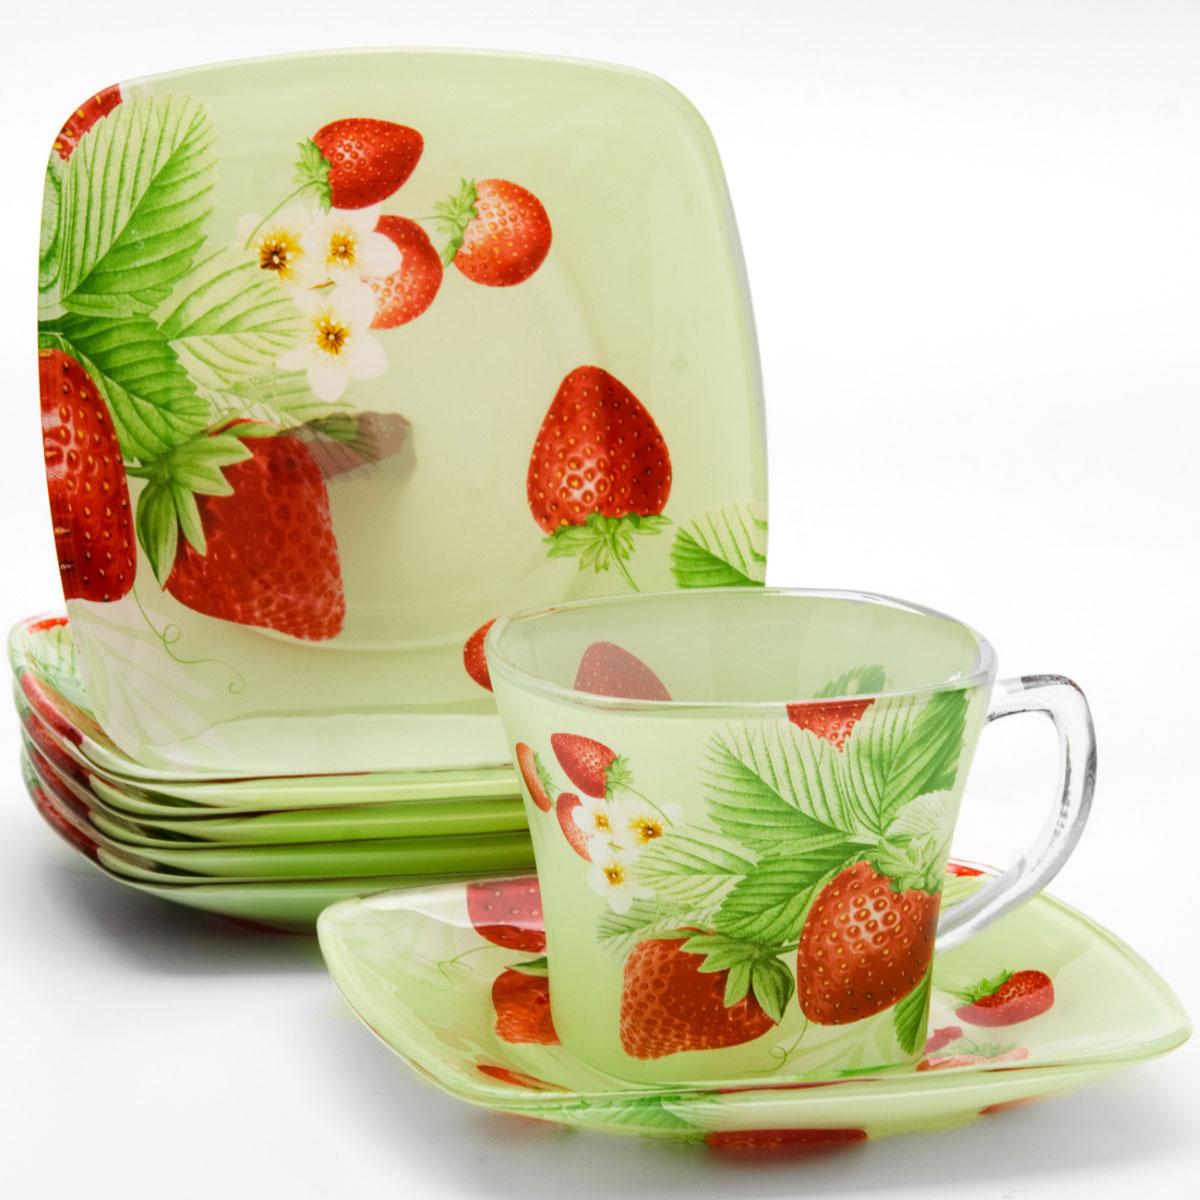 Набор чайный Loraine, 12 предметов. 2412924129Чайный набор, выполненный из высококачественного прочного стекла, состоит из шести чашек и шести блюдец. Изделия декорированы изящным изображением лесных ягод. Элегантный дизайн и необычные формы предметов набора привлекут к себе внимание и украсят интерьер вашей кухни. Набор идеально подойдет для сервировки стола и станет отличным подарком к любому празднику. Подходит как для горячих, так и для холодных напитков. Объем чашки: 200 мл.